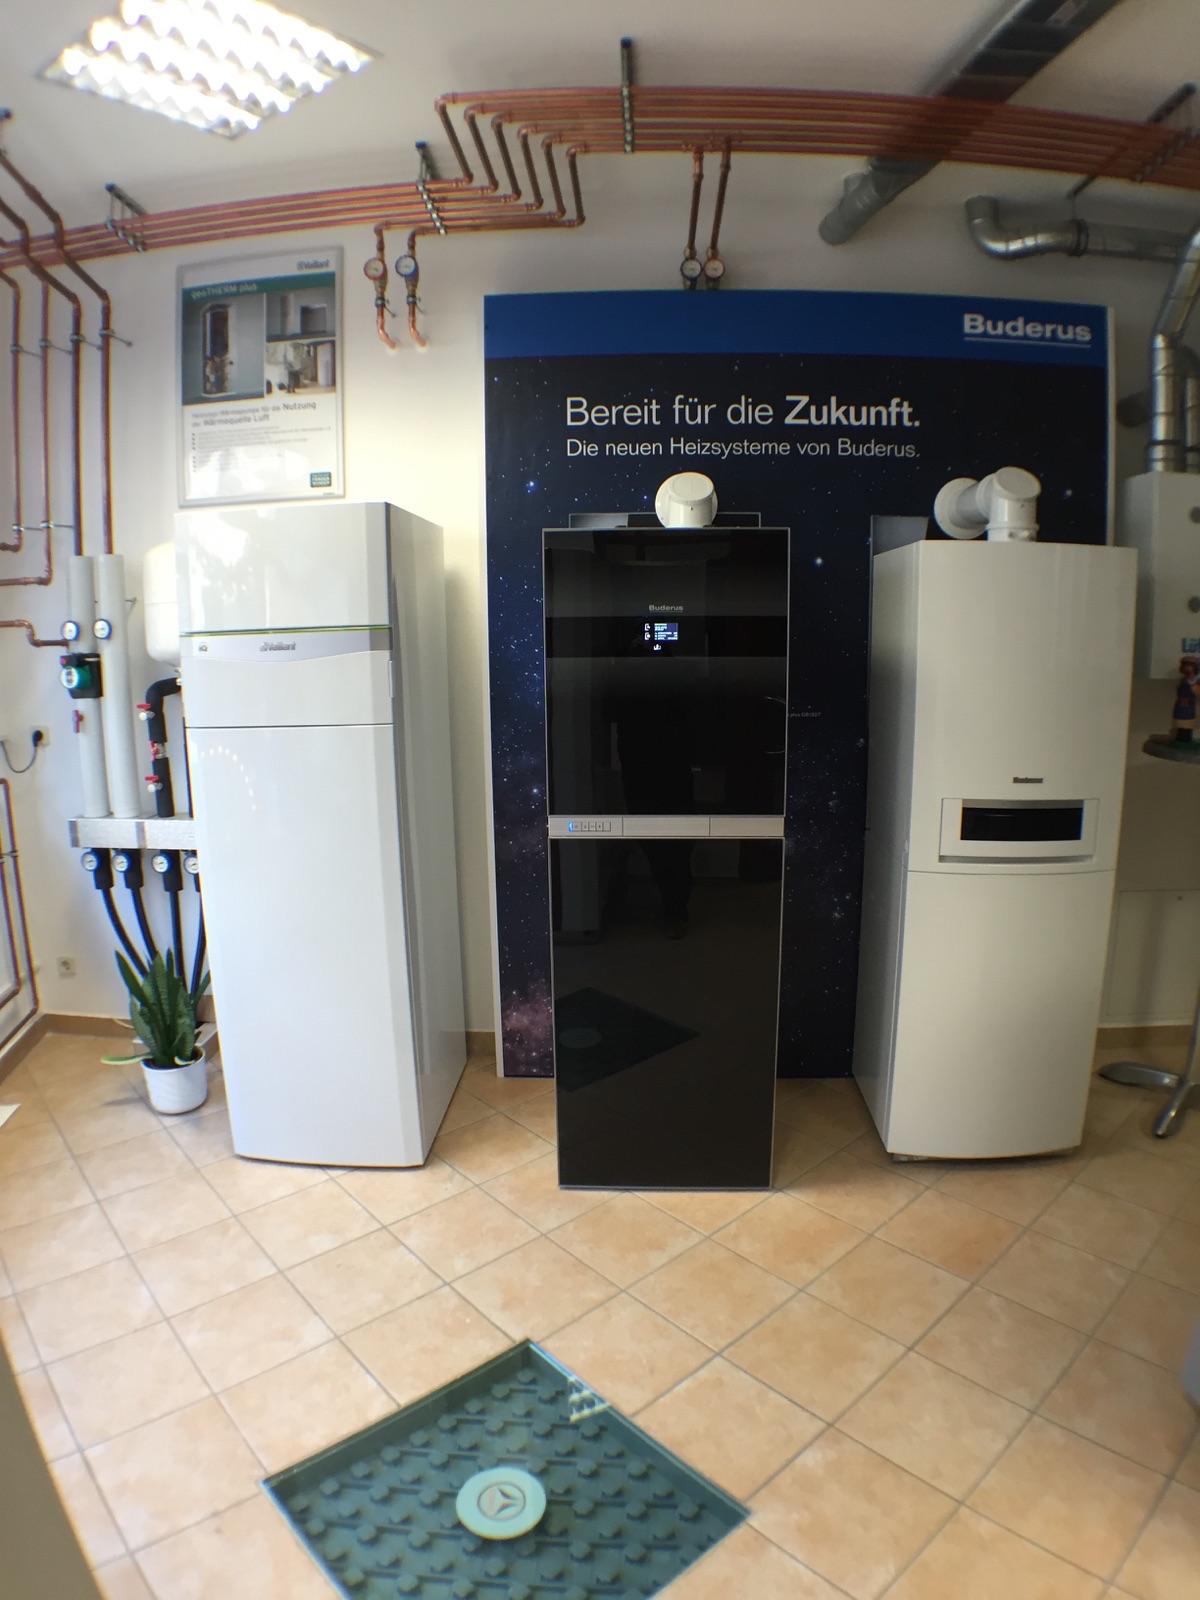 Unsere neu installierte Wärmepumpe und unsere neuen Gasbrennwertgeräte